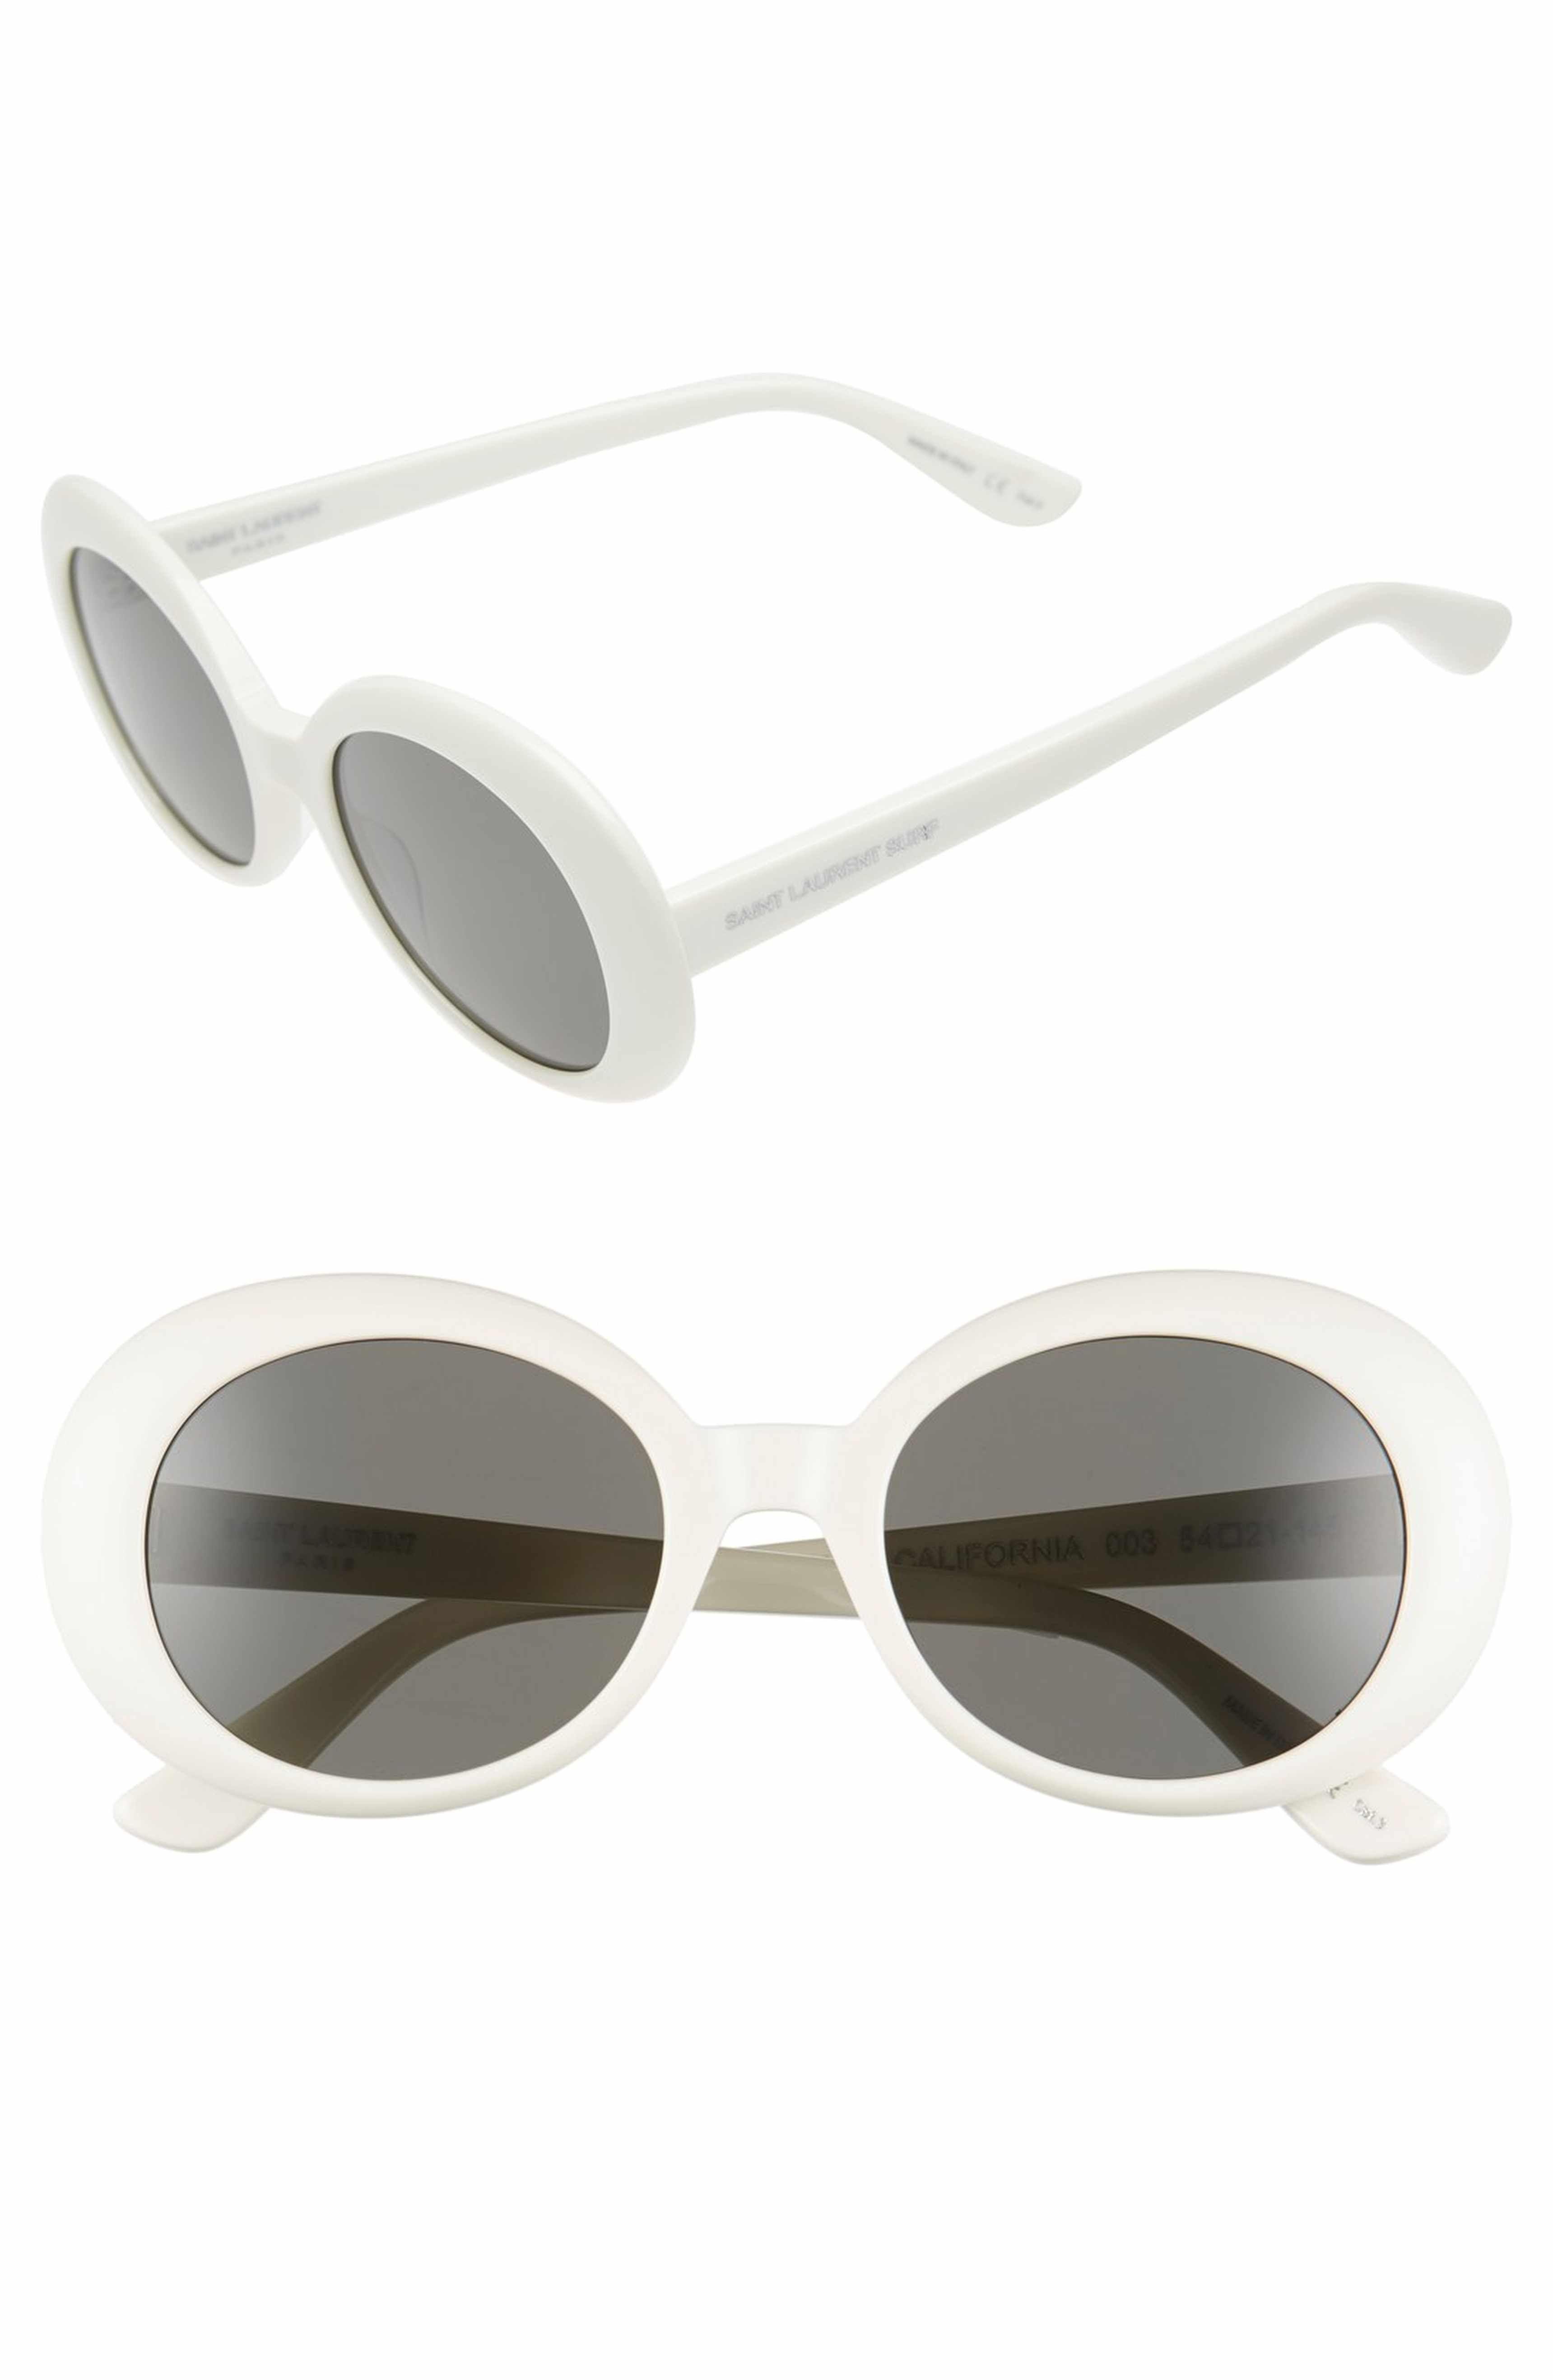 6ef37b7c310 50mm Oval Sunglasses